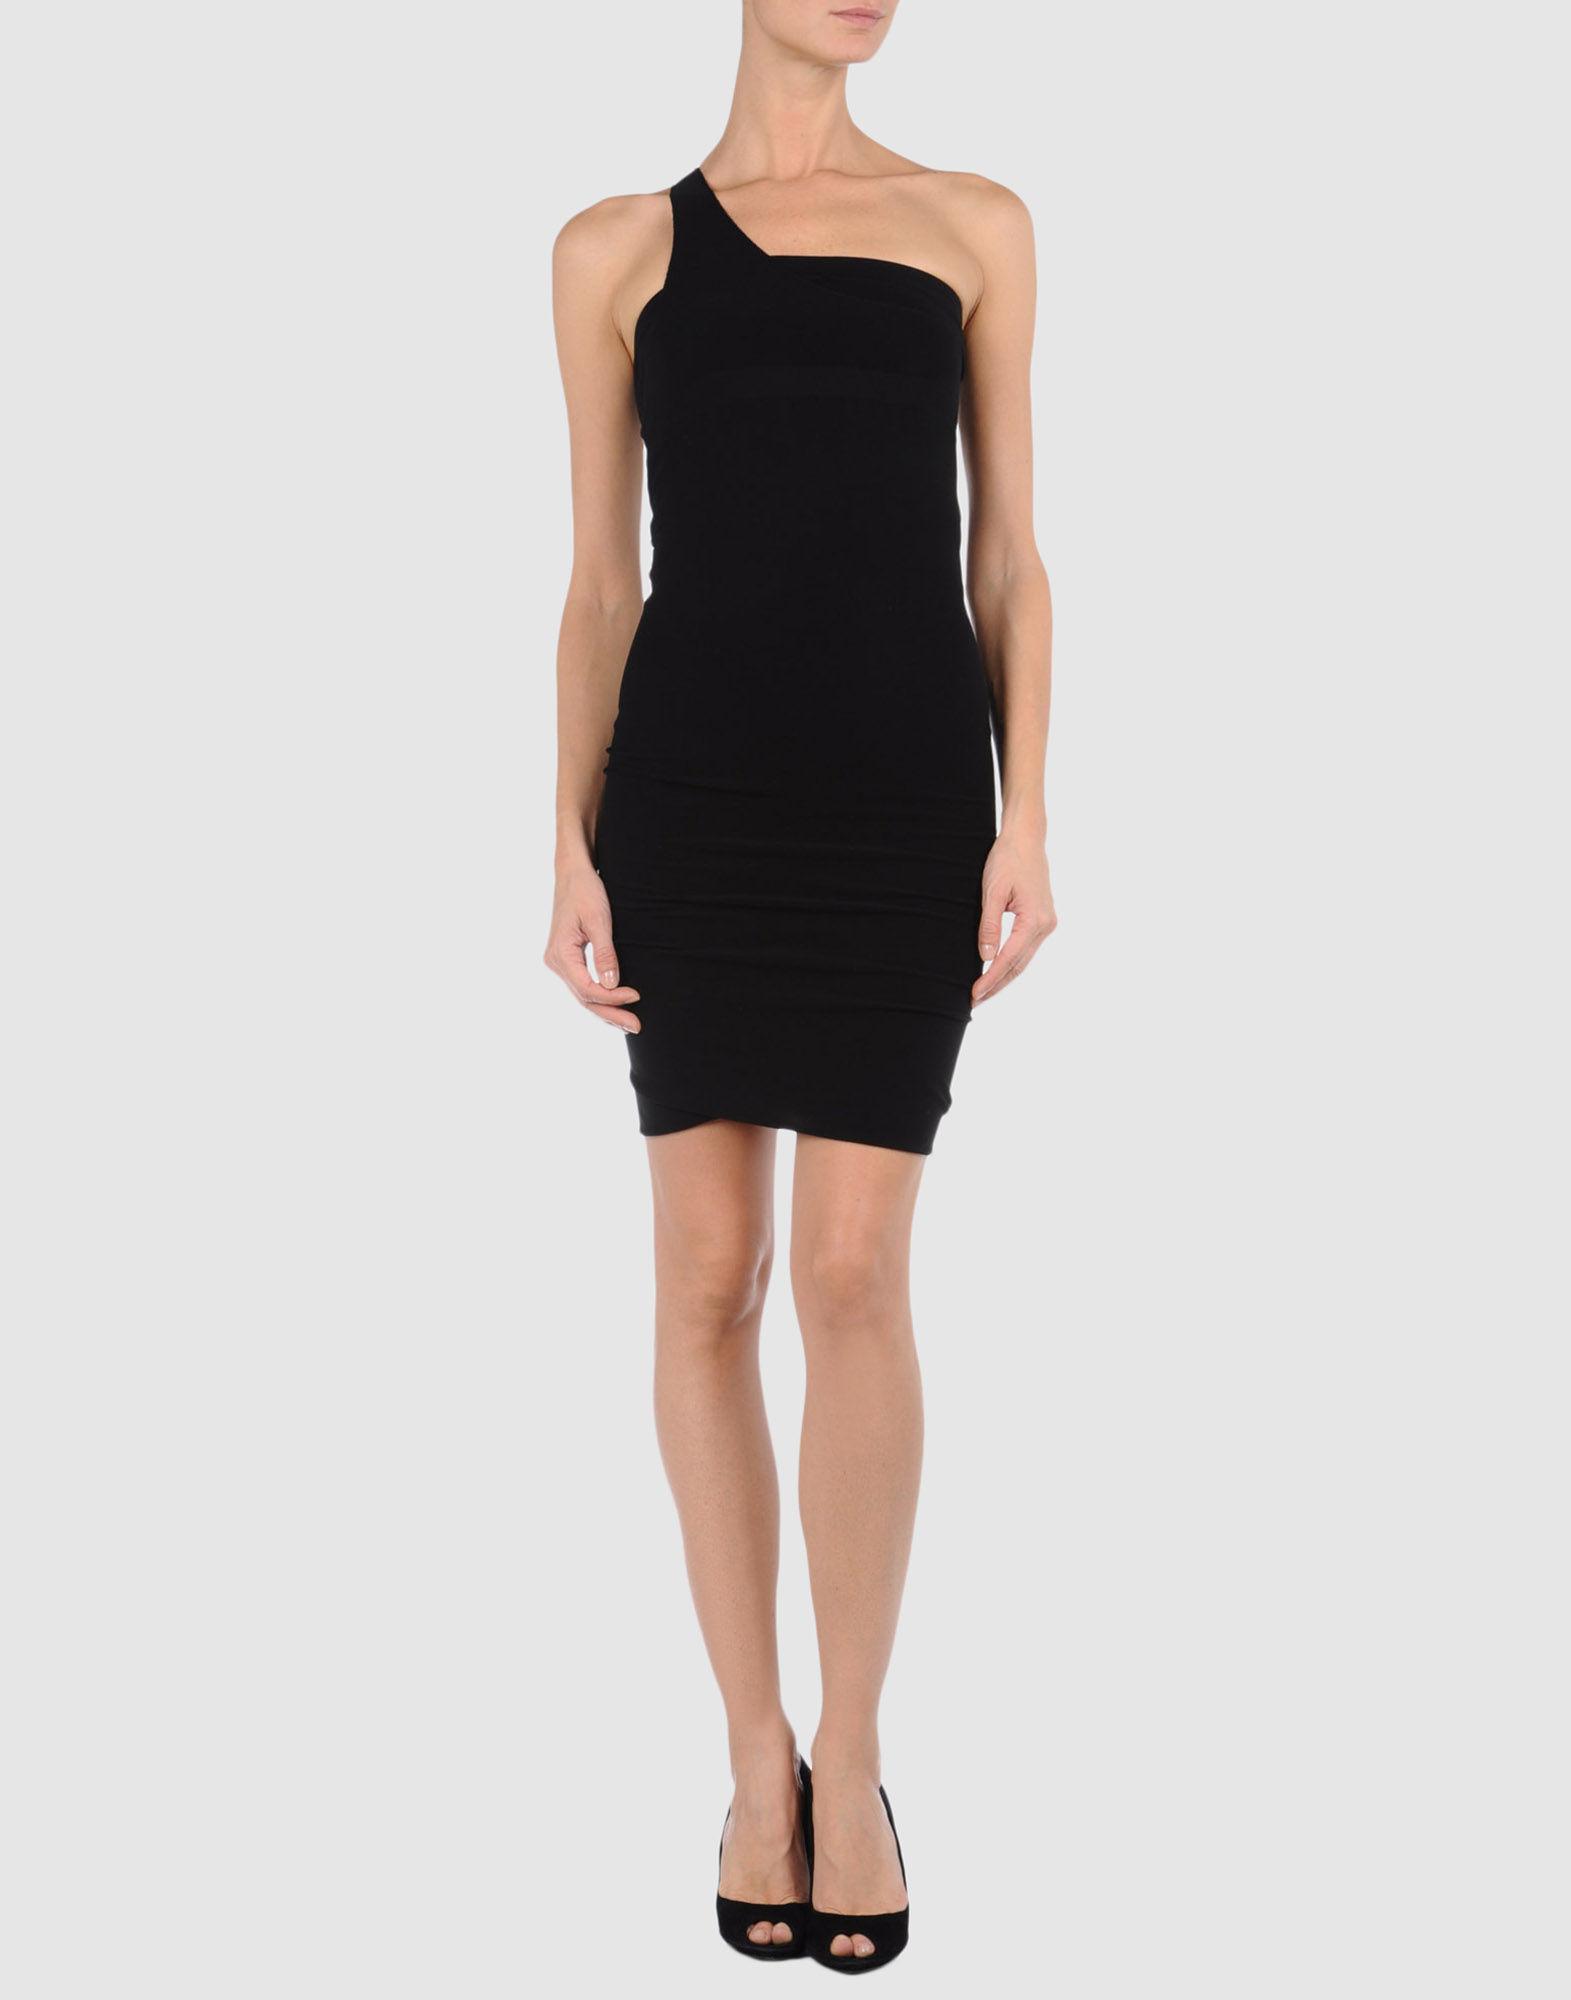 Βραδυνα Φορεματα Yves Saint Laurent Rive Gauche Κωδ.03 71d2d993c5e